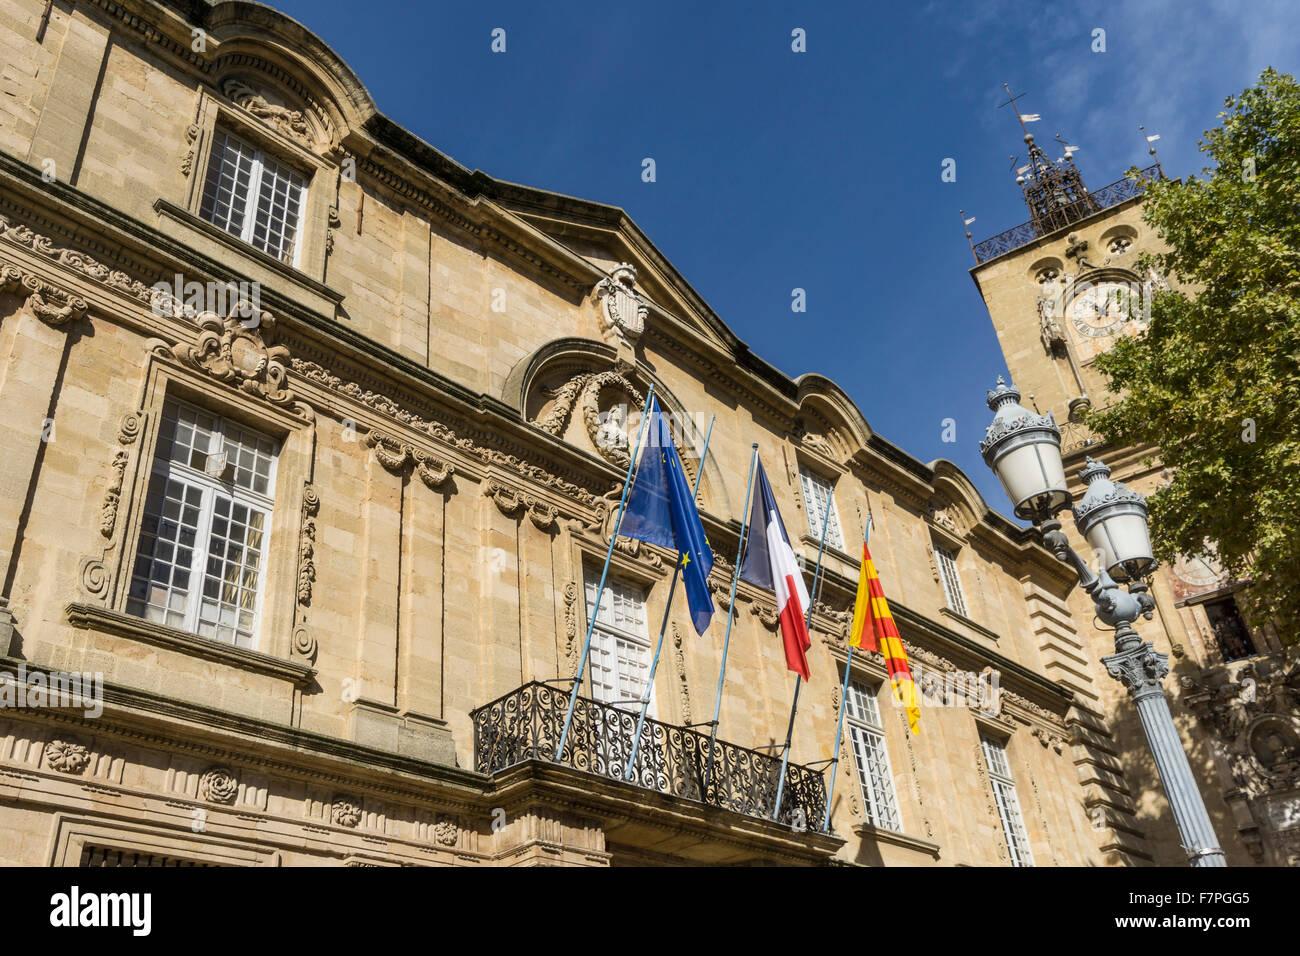 Town Hall, Hotel de Ville, Clock Tower, Aix-en-Provence, Bouche du Rhone, Provence, France Stock Photo